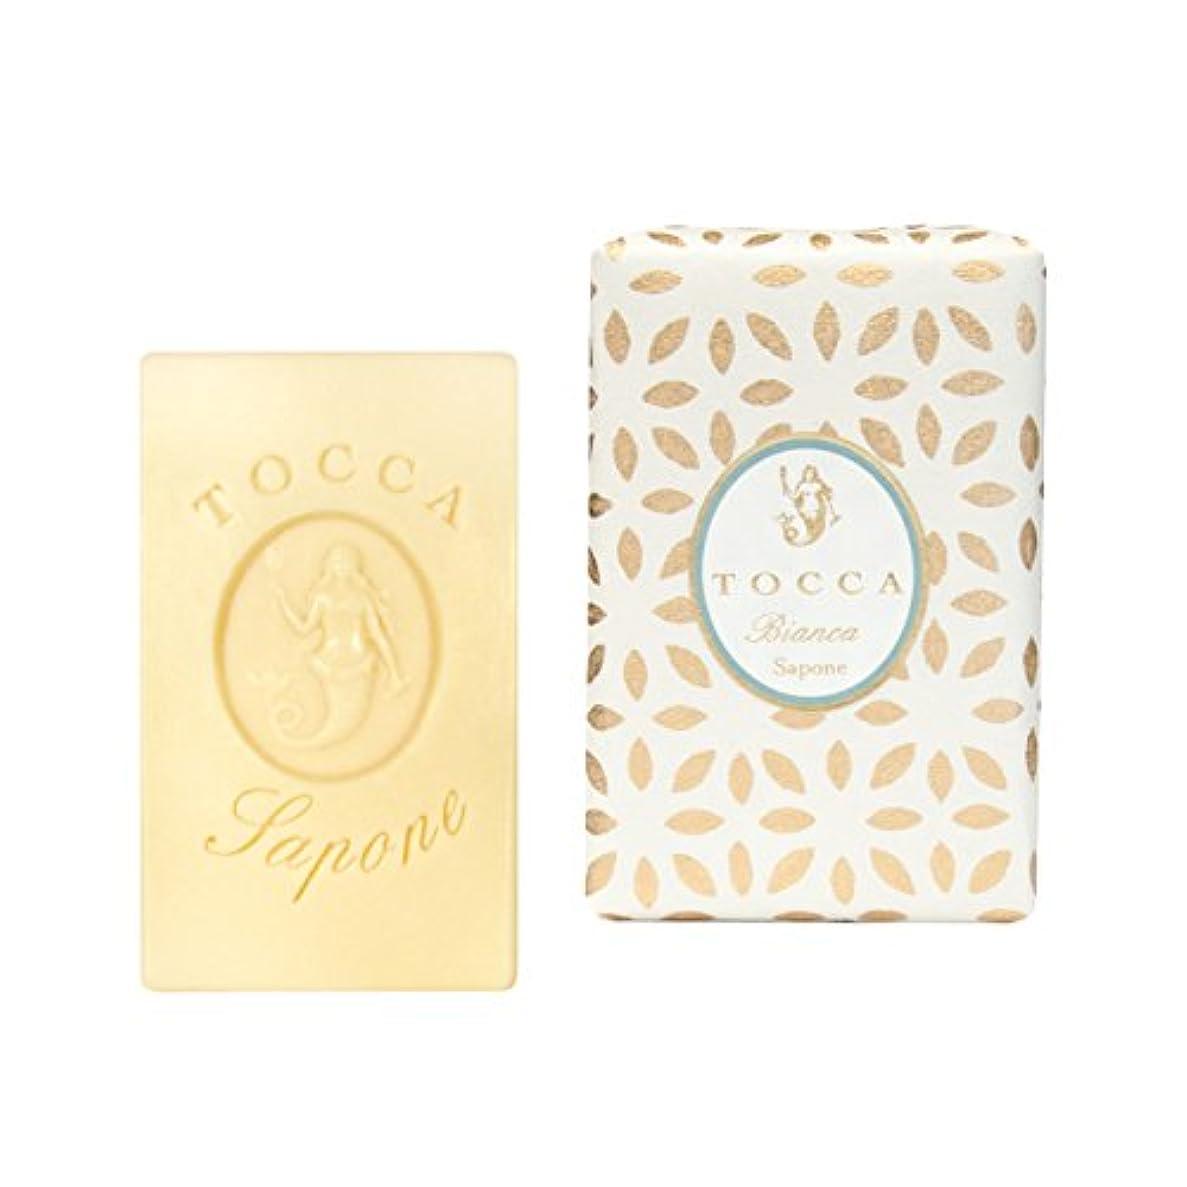 懲らしめボイド弓トッカ(TOCCA) ソープバー ビアンカの香り 113g(化粧石けん シトラスとグリーンティー、ローズが絶妙に溶け合ったほのかに甘さ漂うフレッシュな香り)